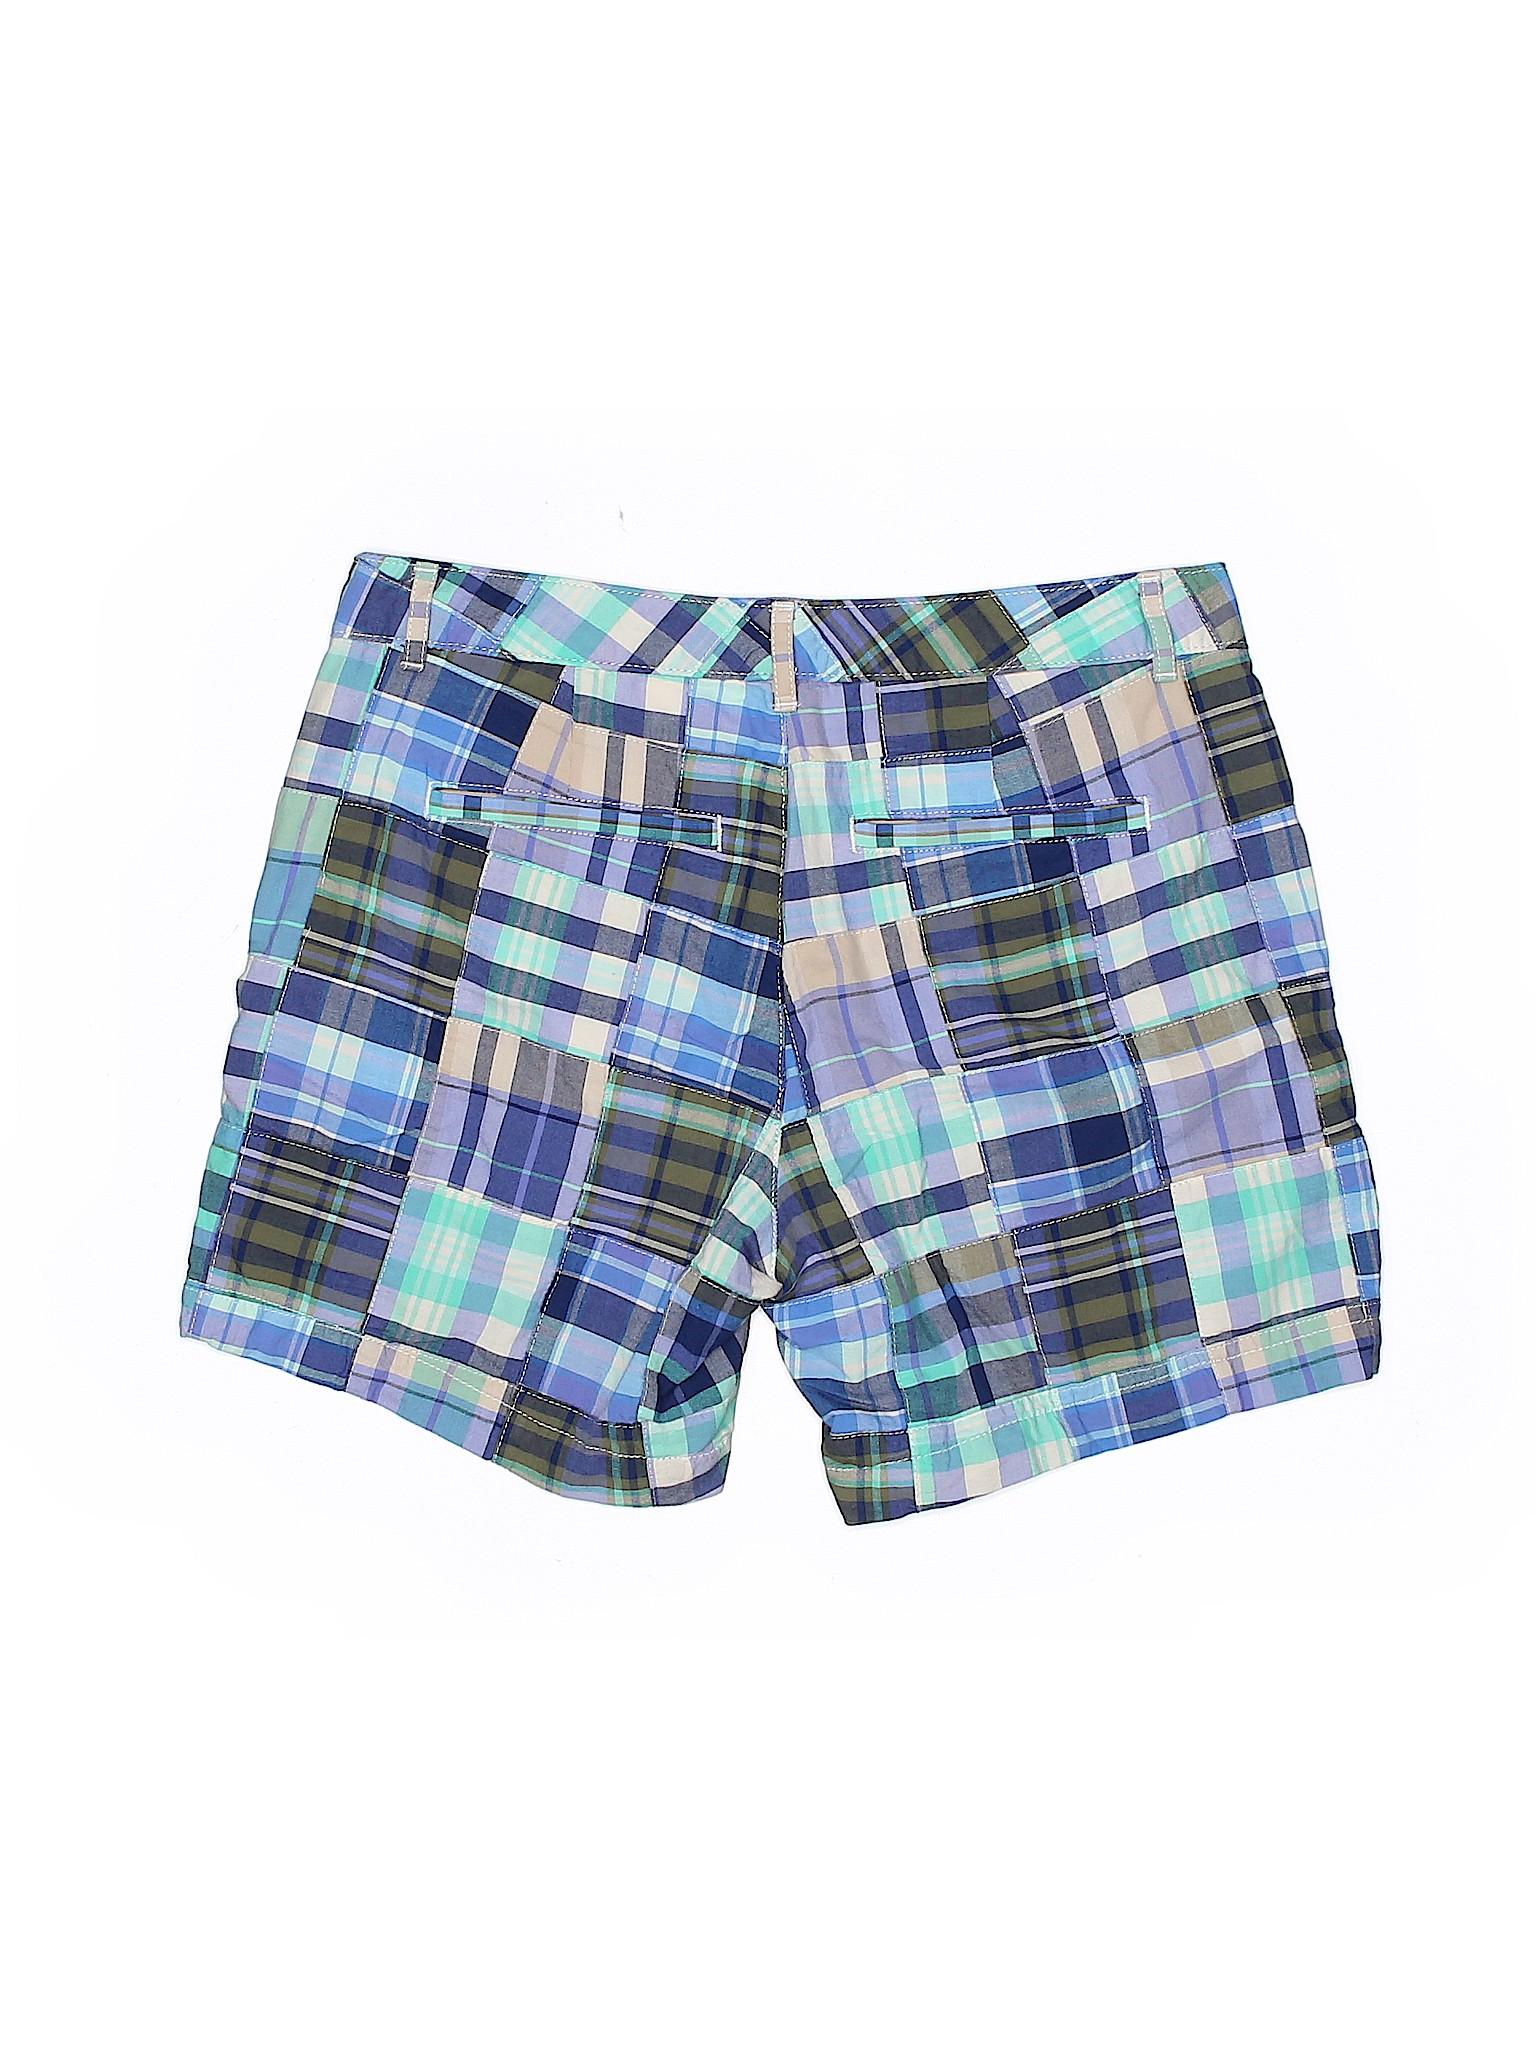 Bean L Khaki L Shorts winter Leisure gqp6ntA